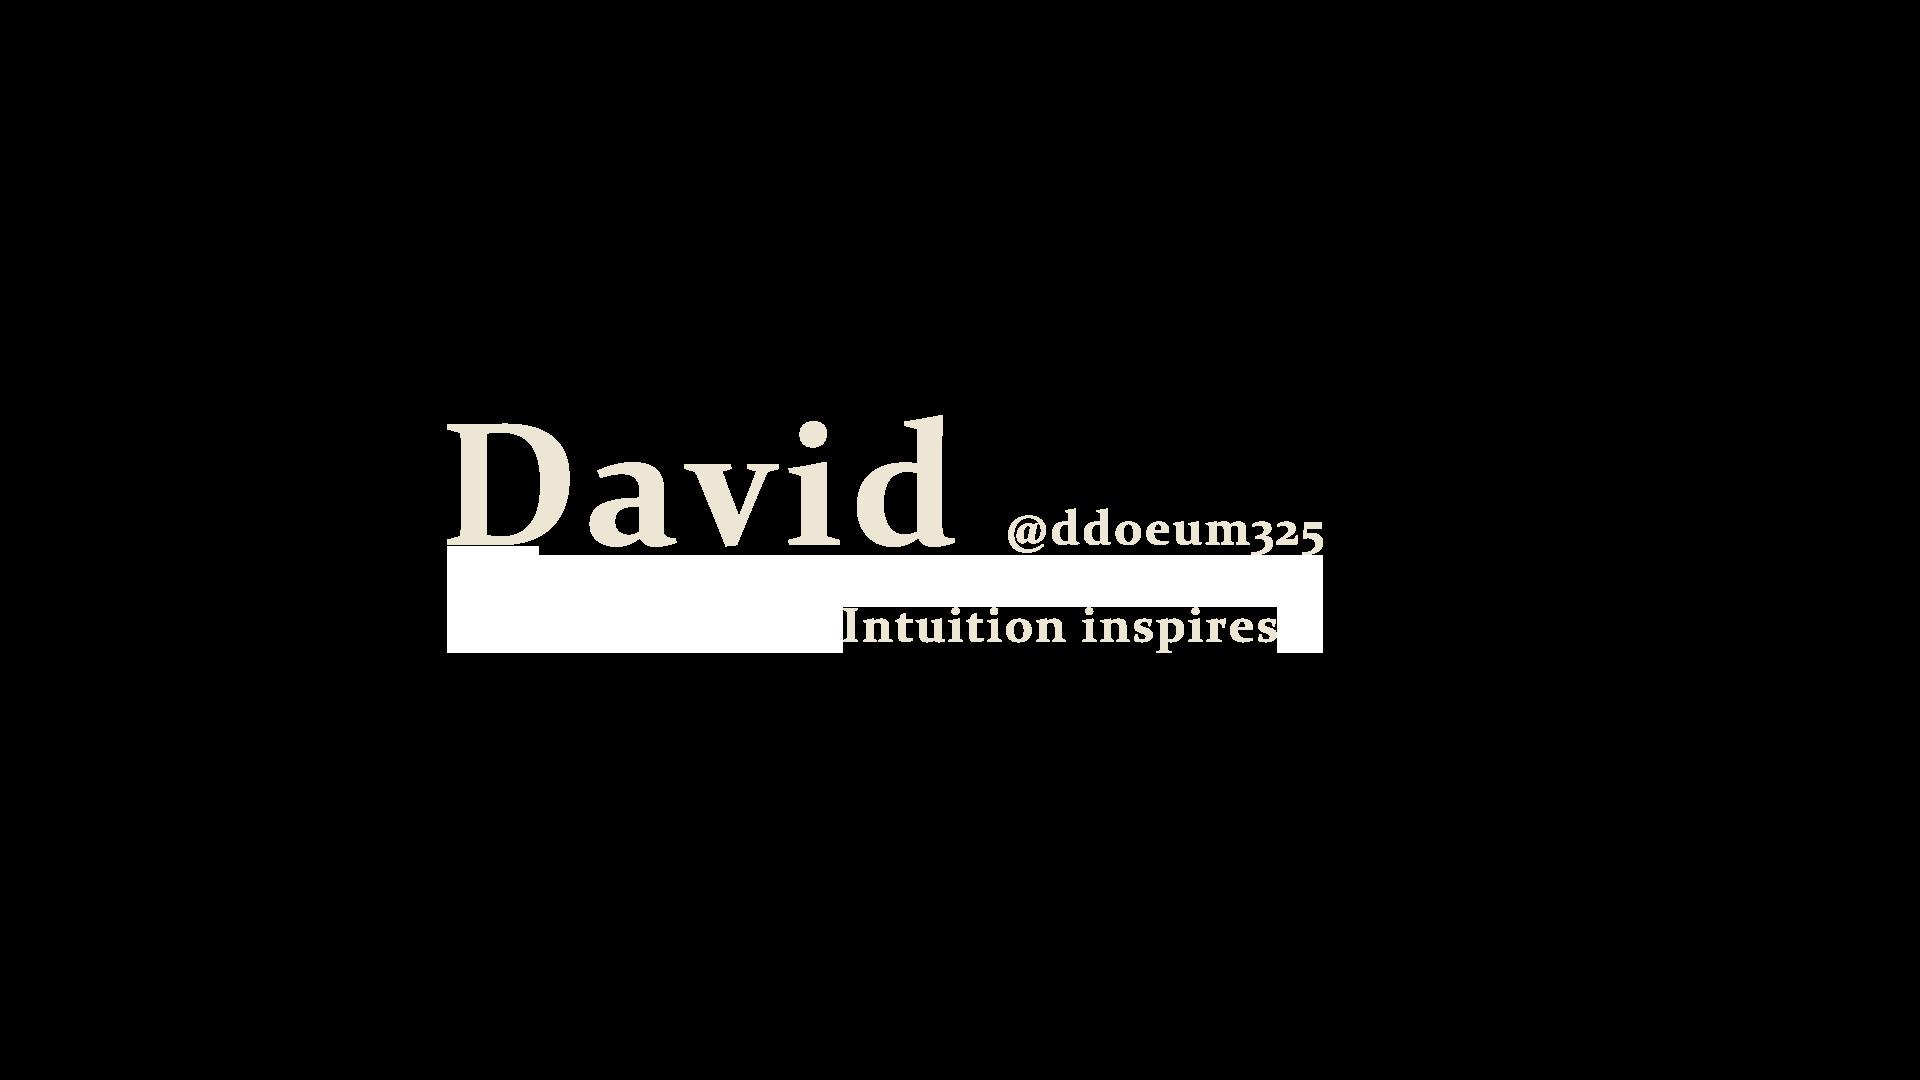 david_2.png